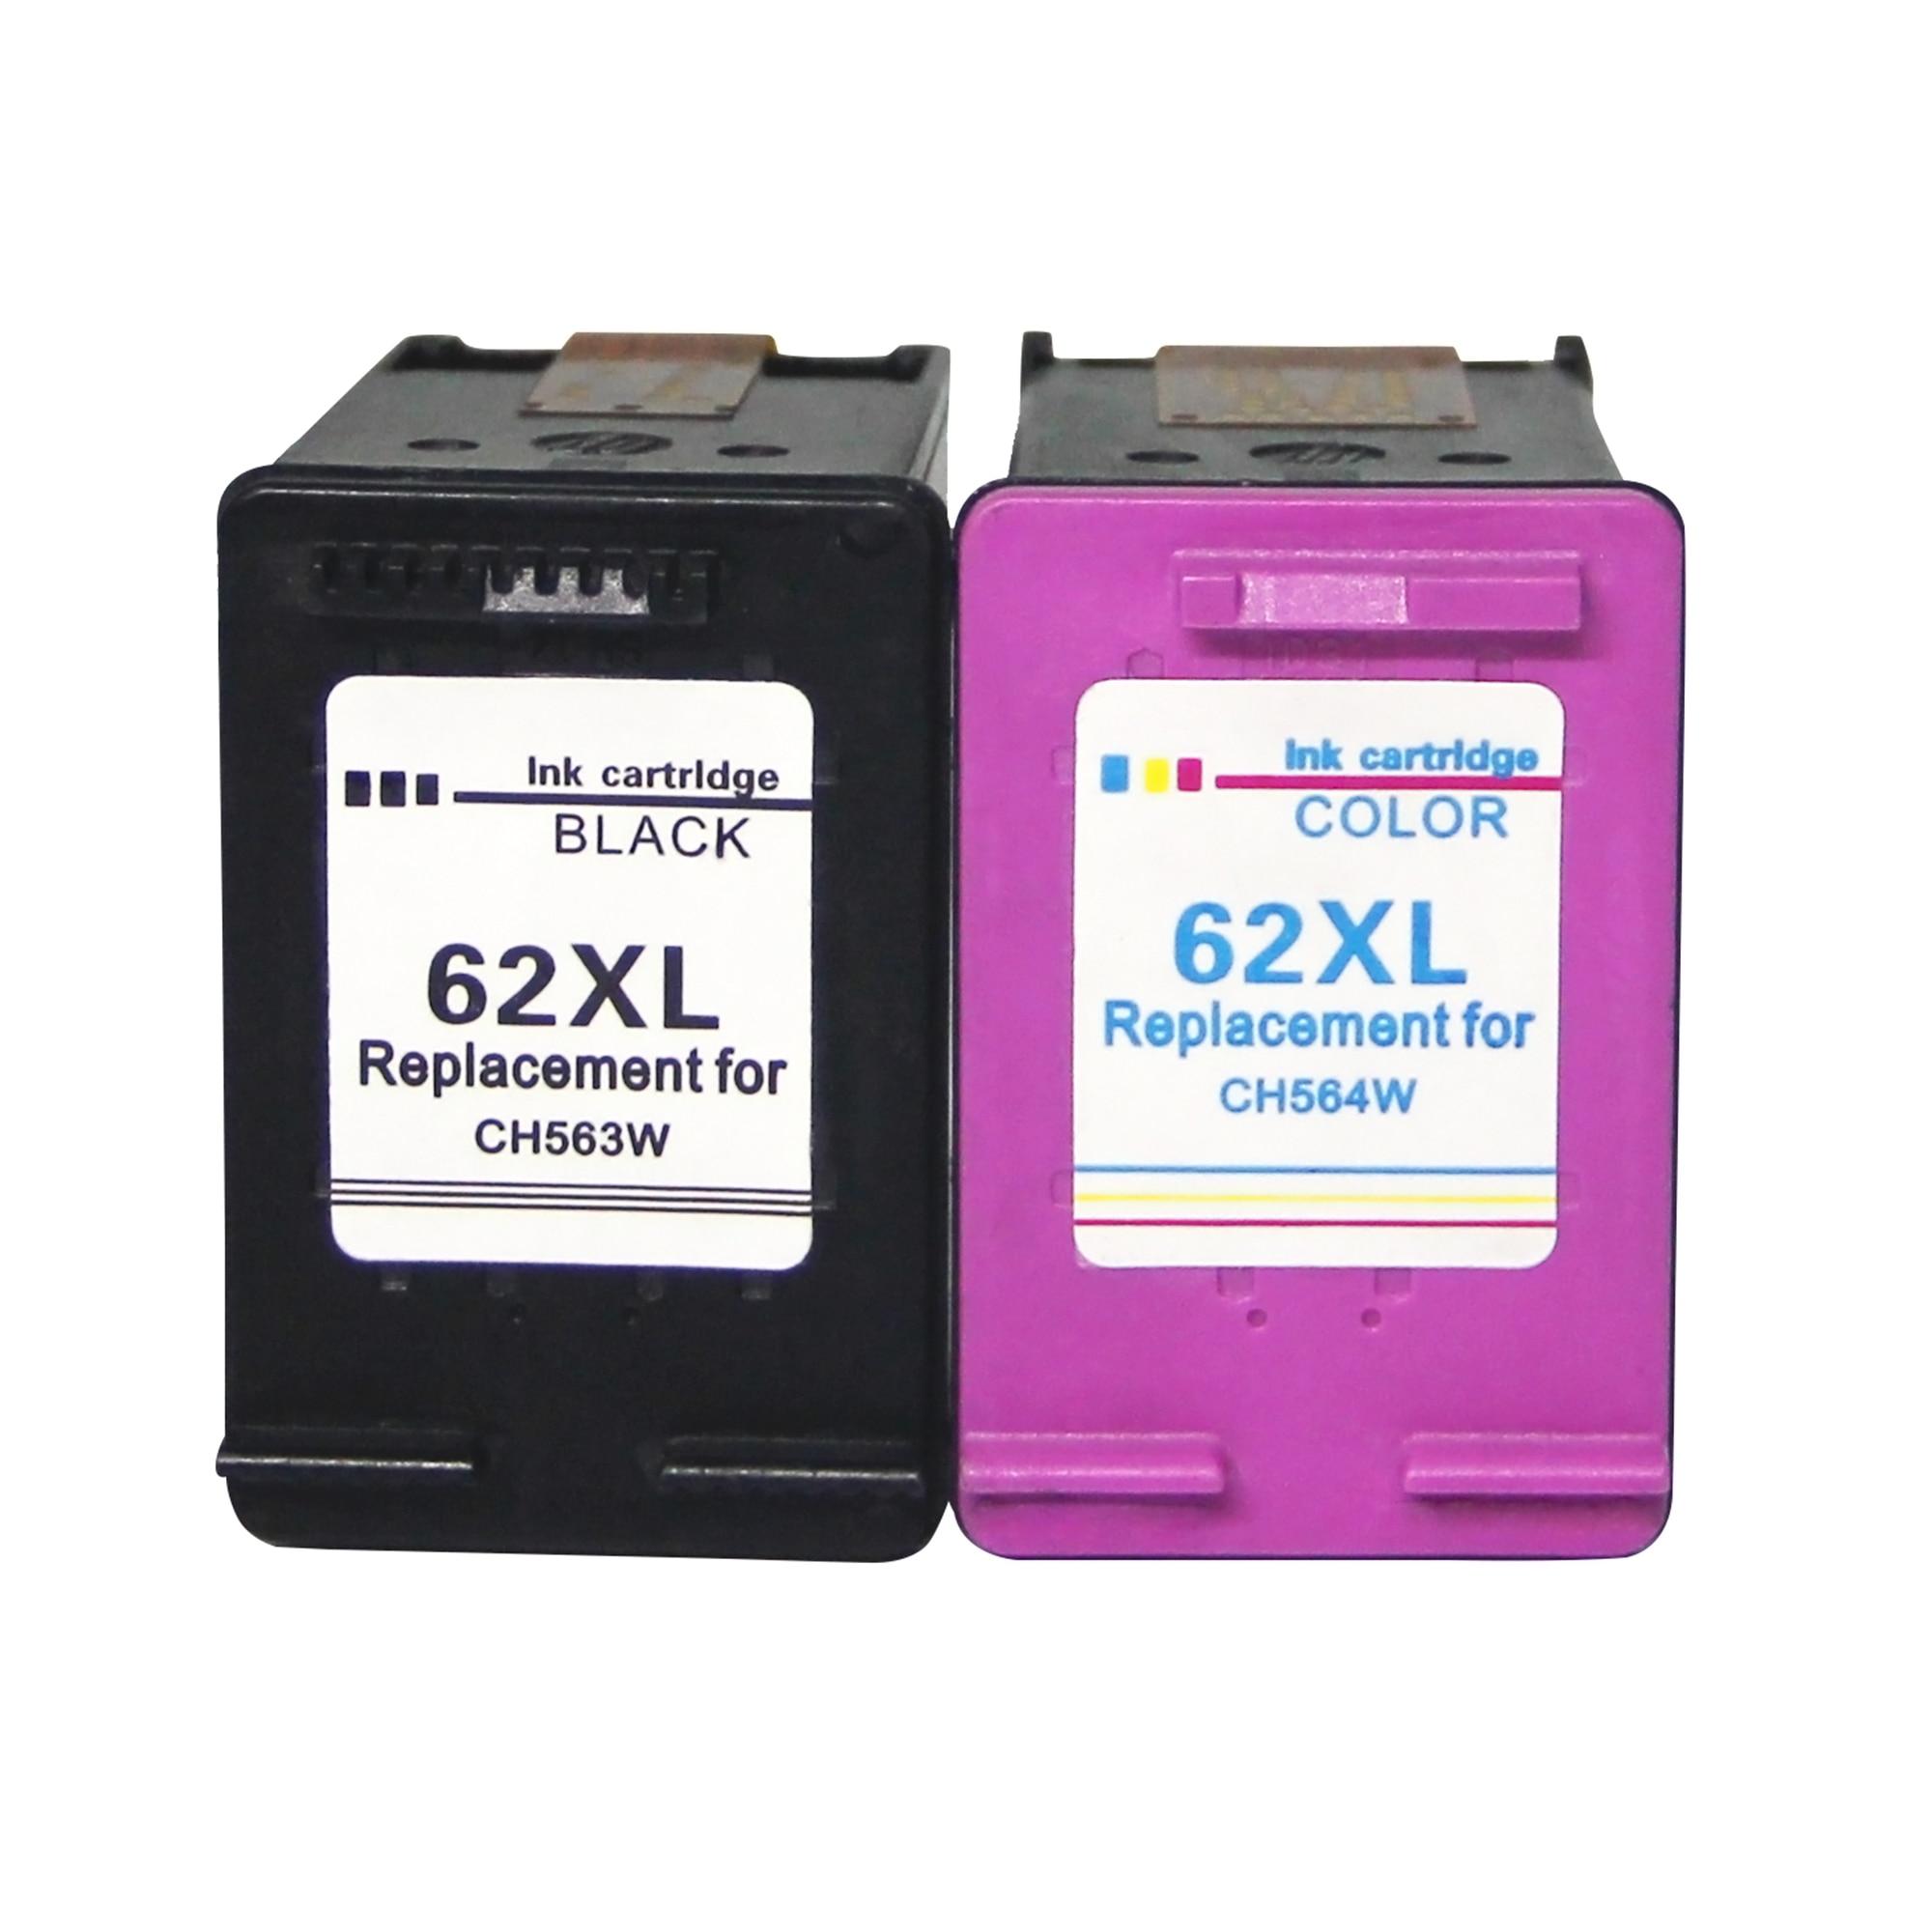 Zamiennik dla HP 62 XL wkłady atramentowe HP Envy 5640 5540 5546 5544 5644 HP OfficeJet 5742 5744 200 250 MobileImpresoras